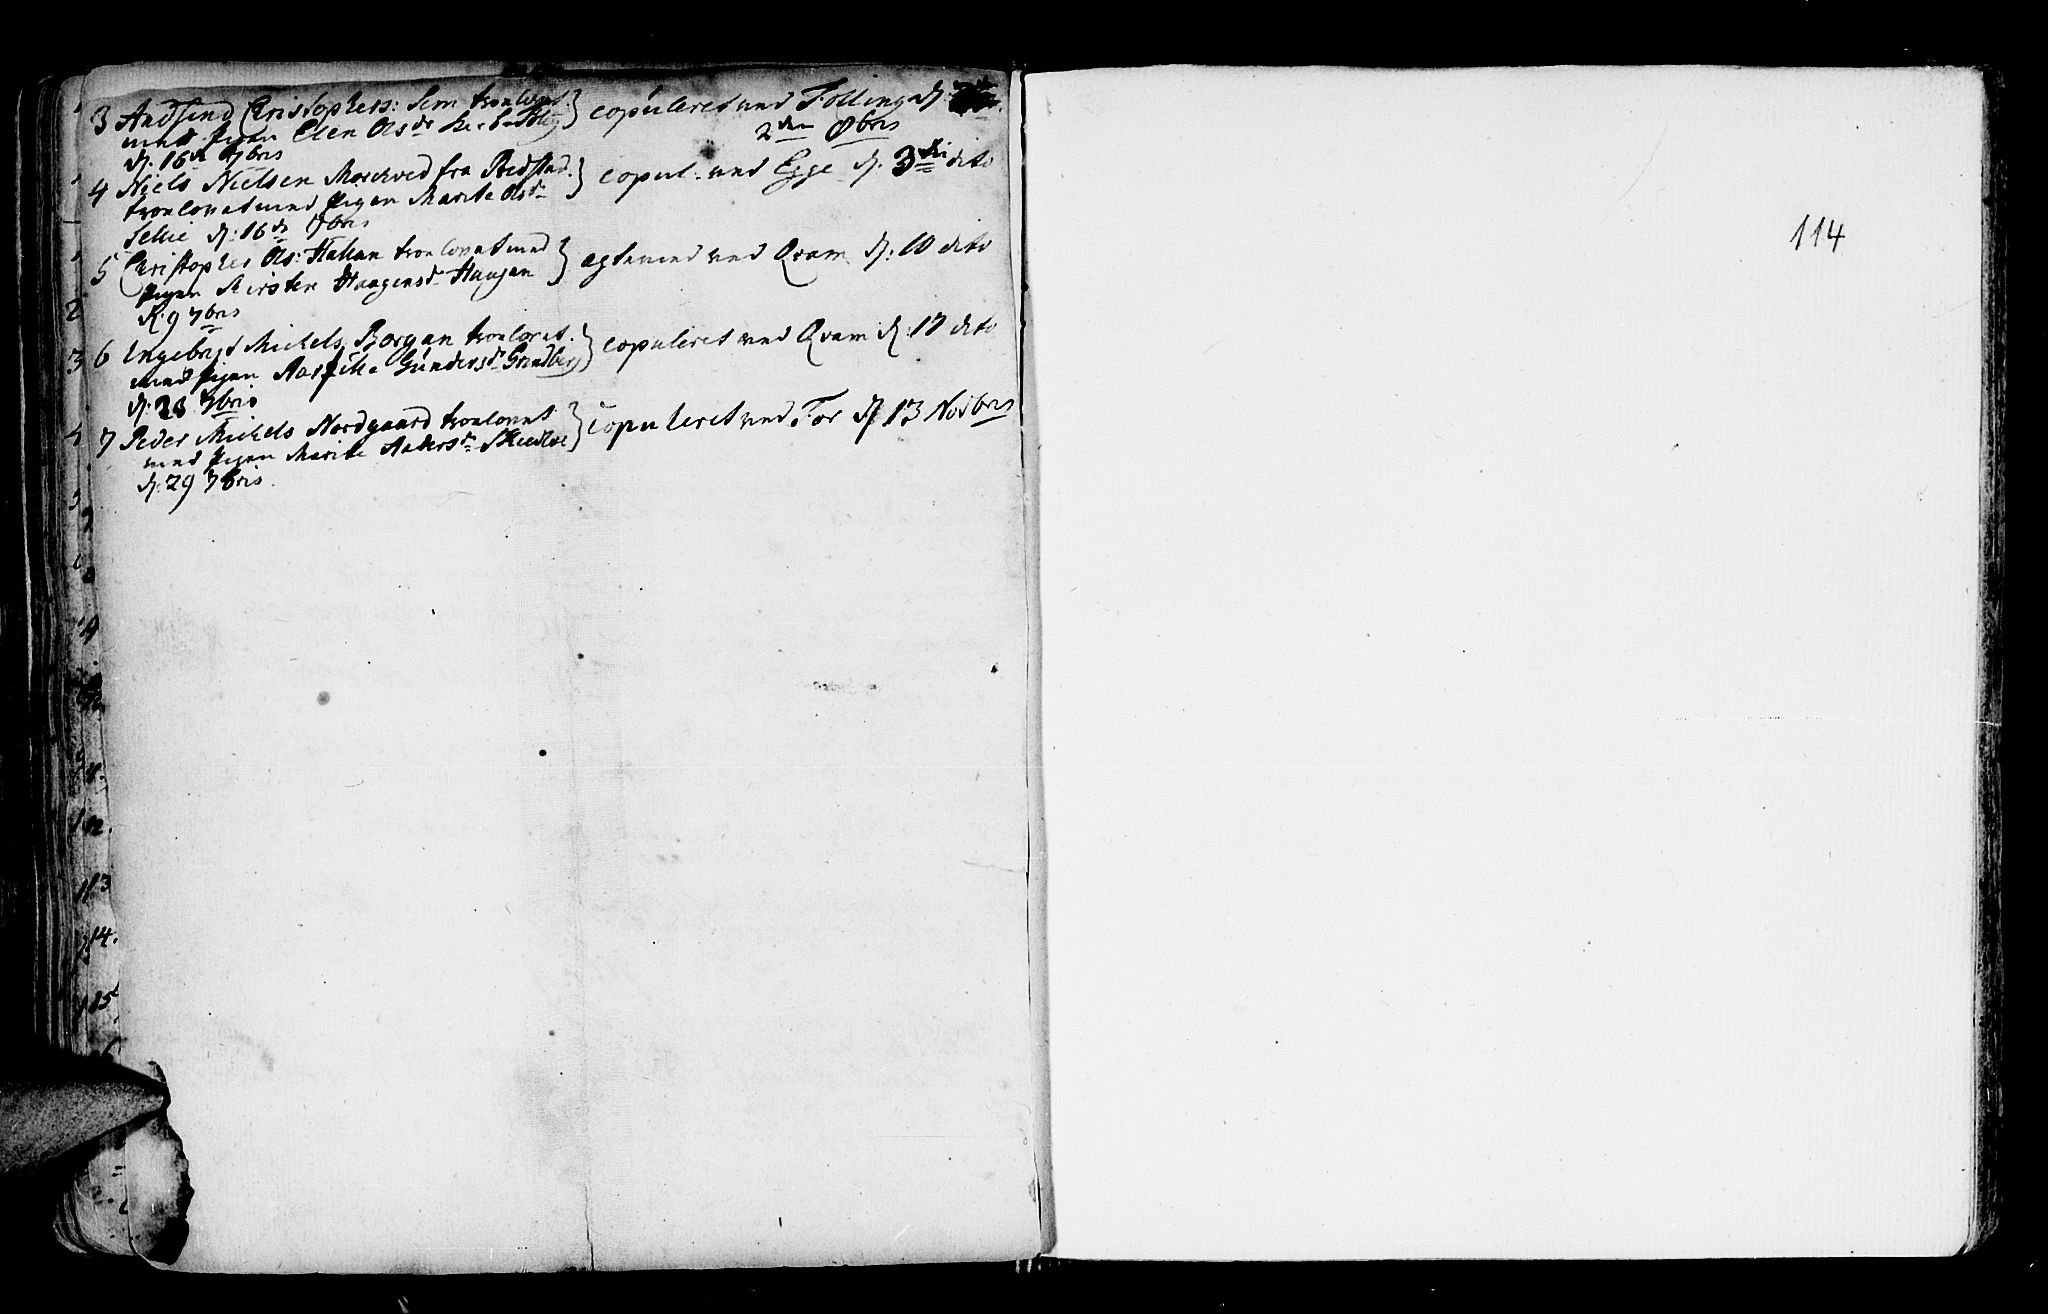 SAT, Ministerialprotokoller, klokkerbøker og fødselsregistre - Nord-Trøndelag, 746/L0439: Ministerialbok nr. 746A01, 1688-1759, s. 114